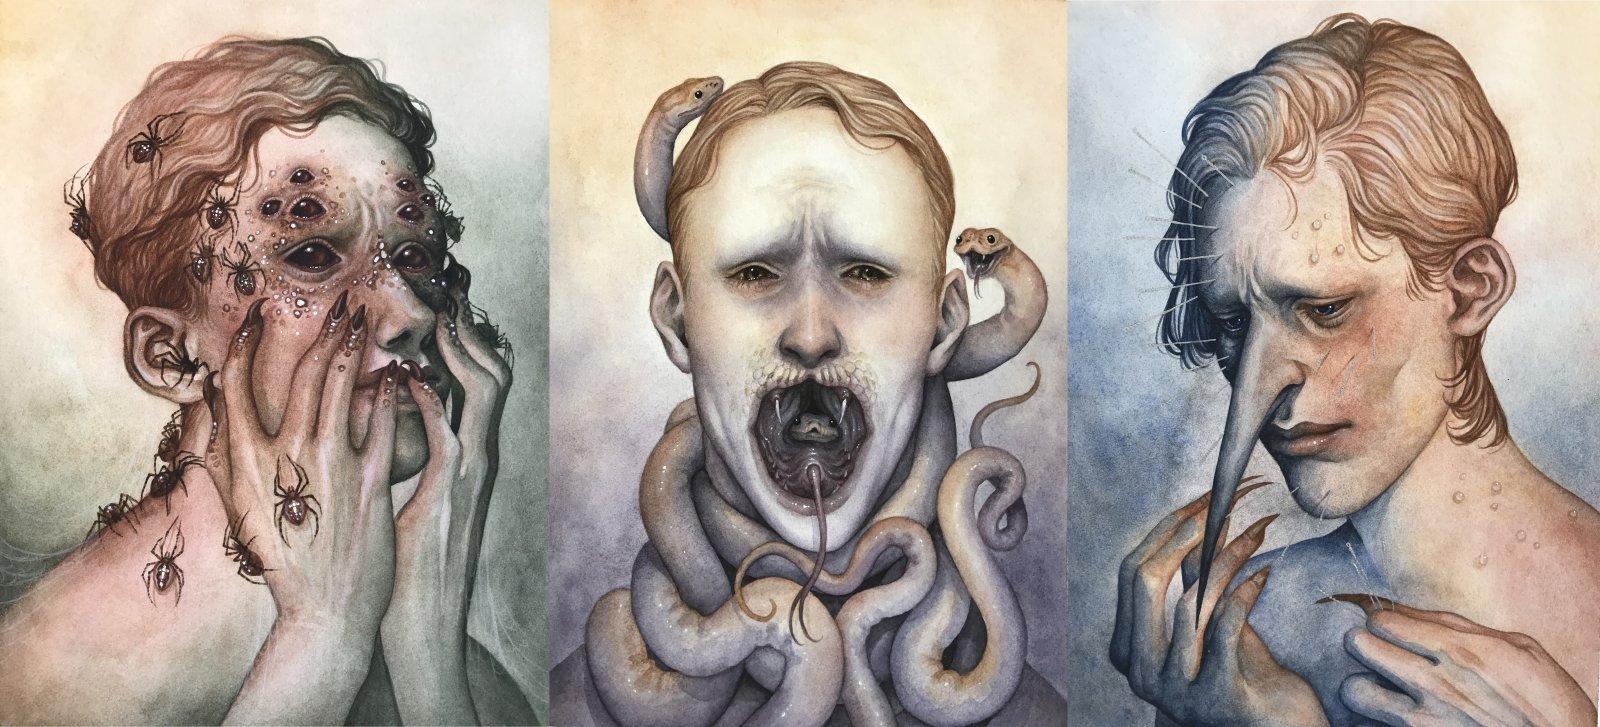 Maija Kaipainen akvarellimaalaus opinnäytetyö 2020